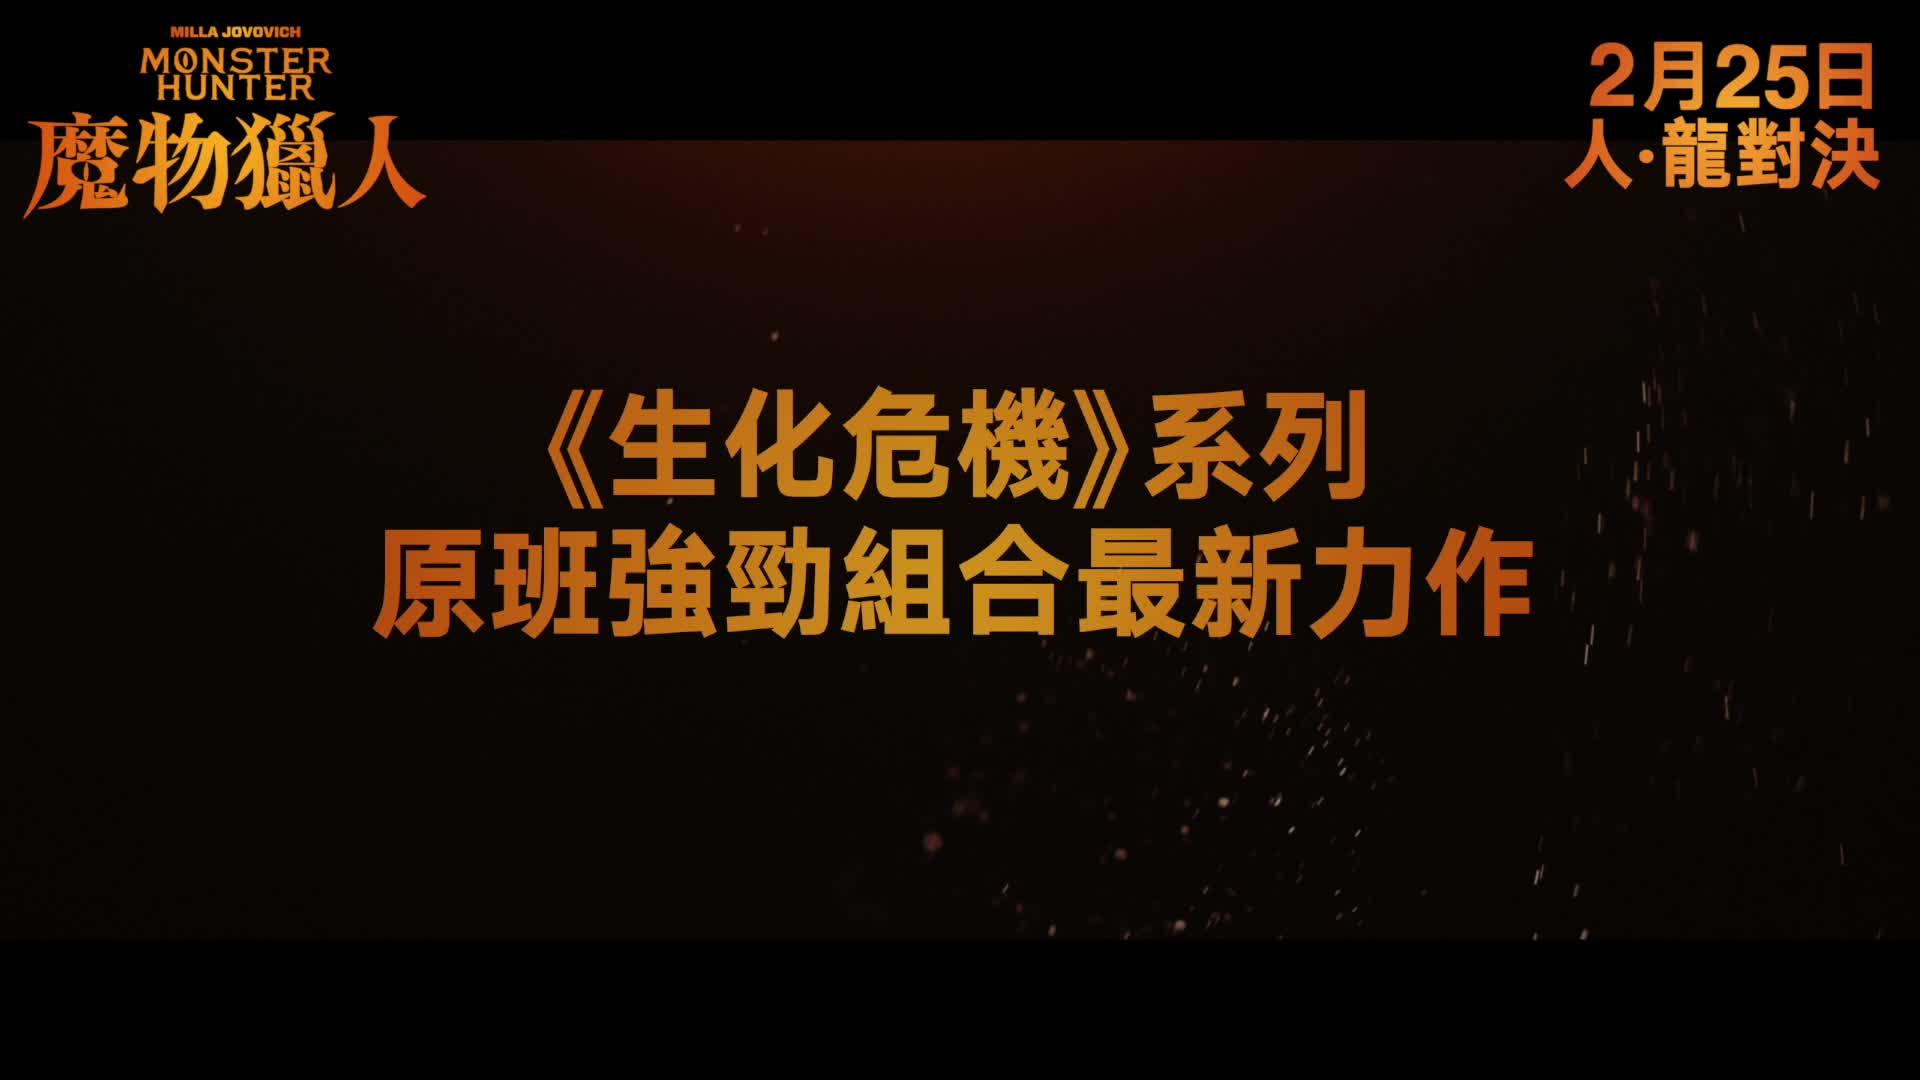 《魔物獵人》電影預告